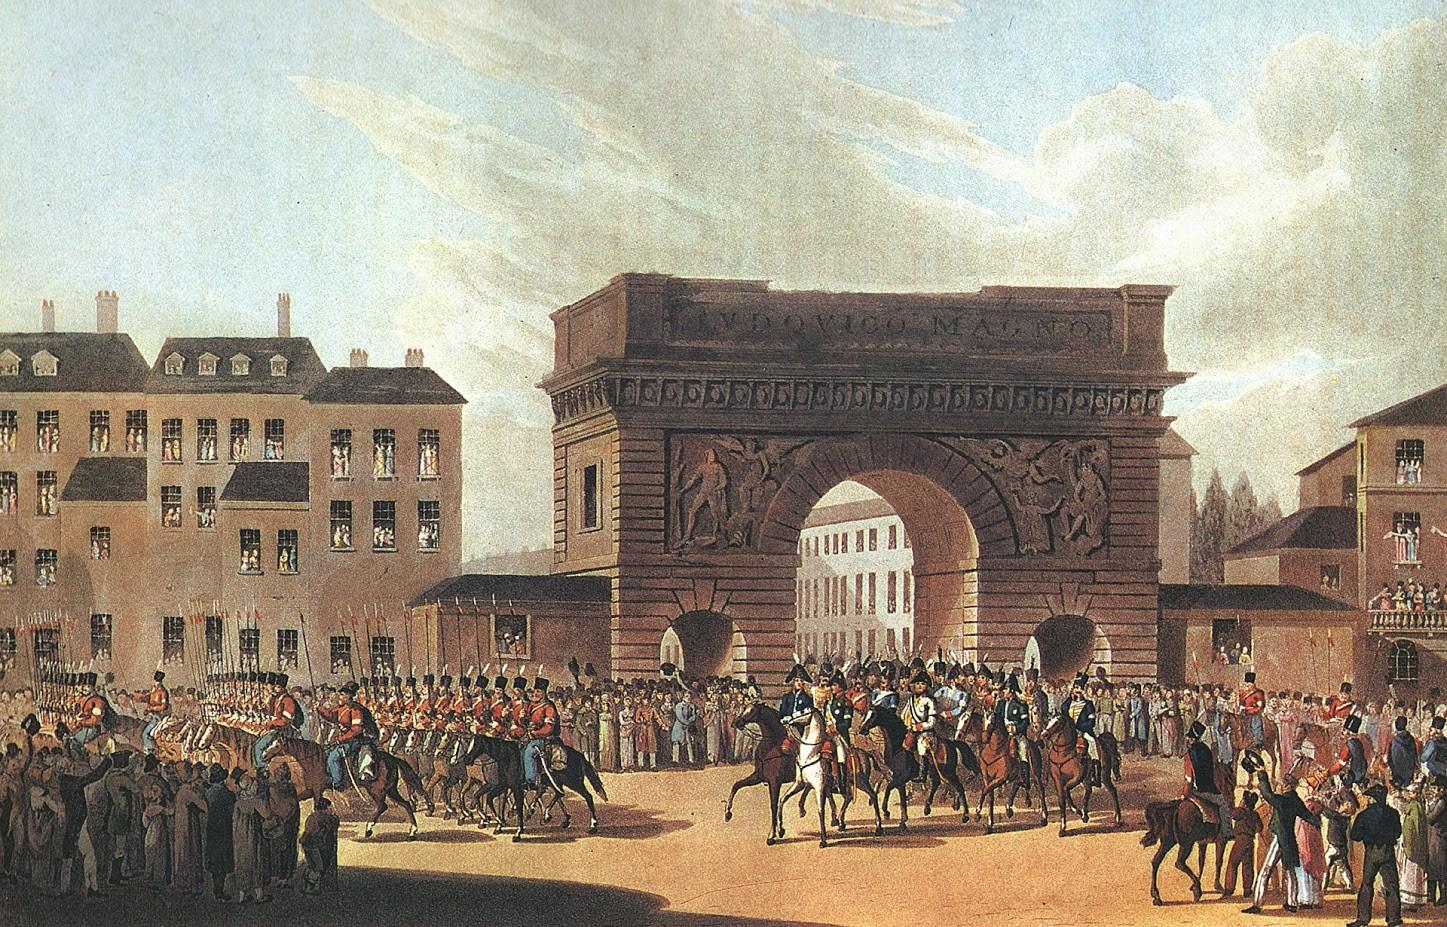 Ruska vojska vstopa v Pariz, 31. marec 1814, neznani avtor po originalu I. F. Huguela po risbi U.-L. Wolfa, 1815, Vseruski muzej Puškina, Sankt Peterburg; Poleg Aleksandra I. sta še Barclay de Tolly in Friderik Viljem III; Zadaj mestna vrata Saint Martin